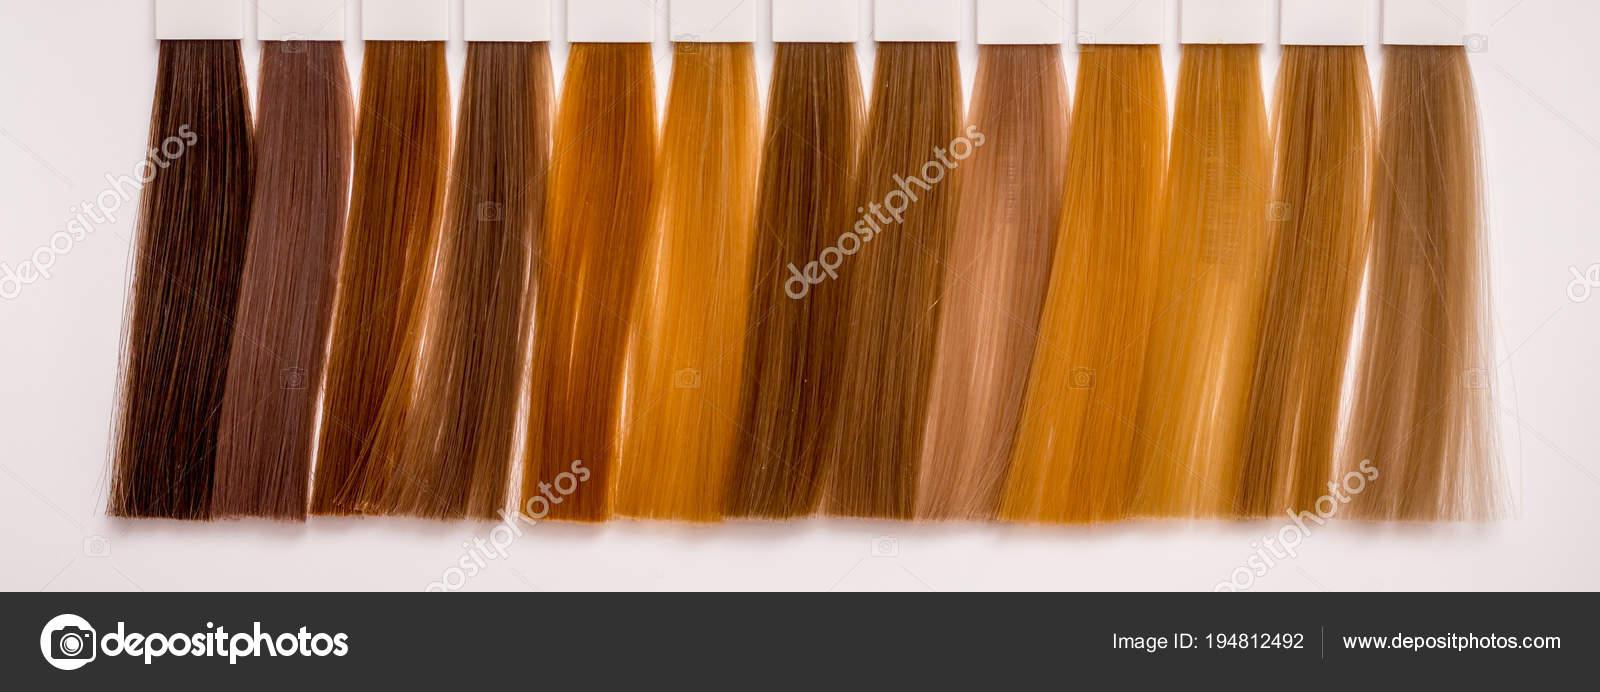 Frisuren Der Verschiedenen Farbtöne Für Die Richtige Wahl Der Farbe